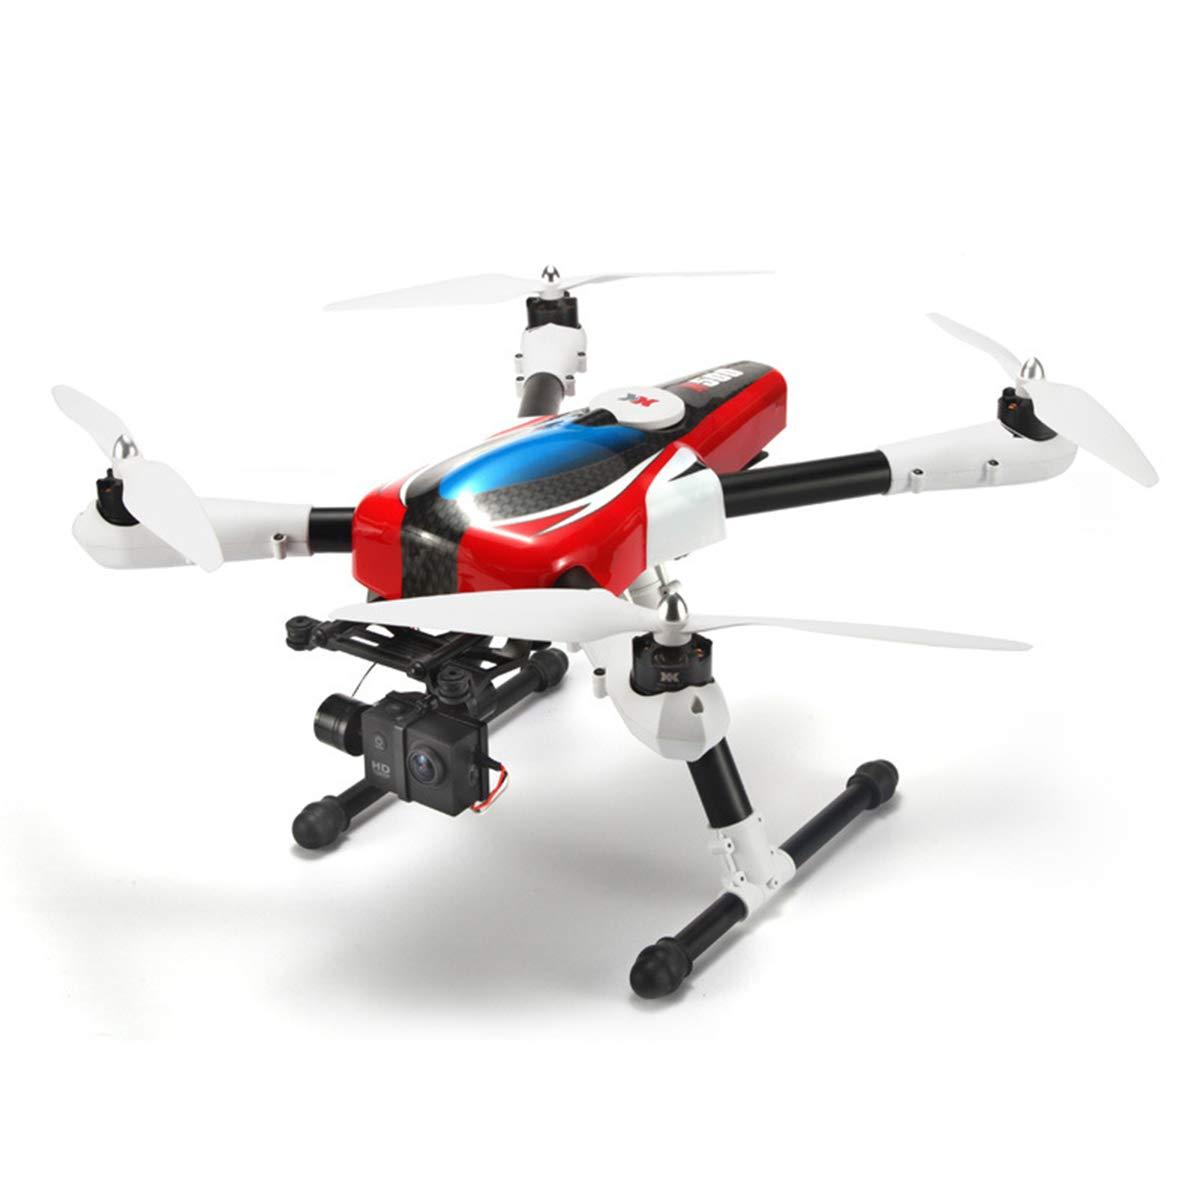 YongBe 1080P HD Kamera RC Drohne GPS Return Home 360 ° Flip Intelligente Batterie Lange ReichWeiße Fernbedienung Modell Spielzeug für Anfänger und Experten,rot-OneGröße rot OneGröße